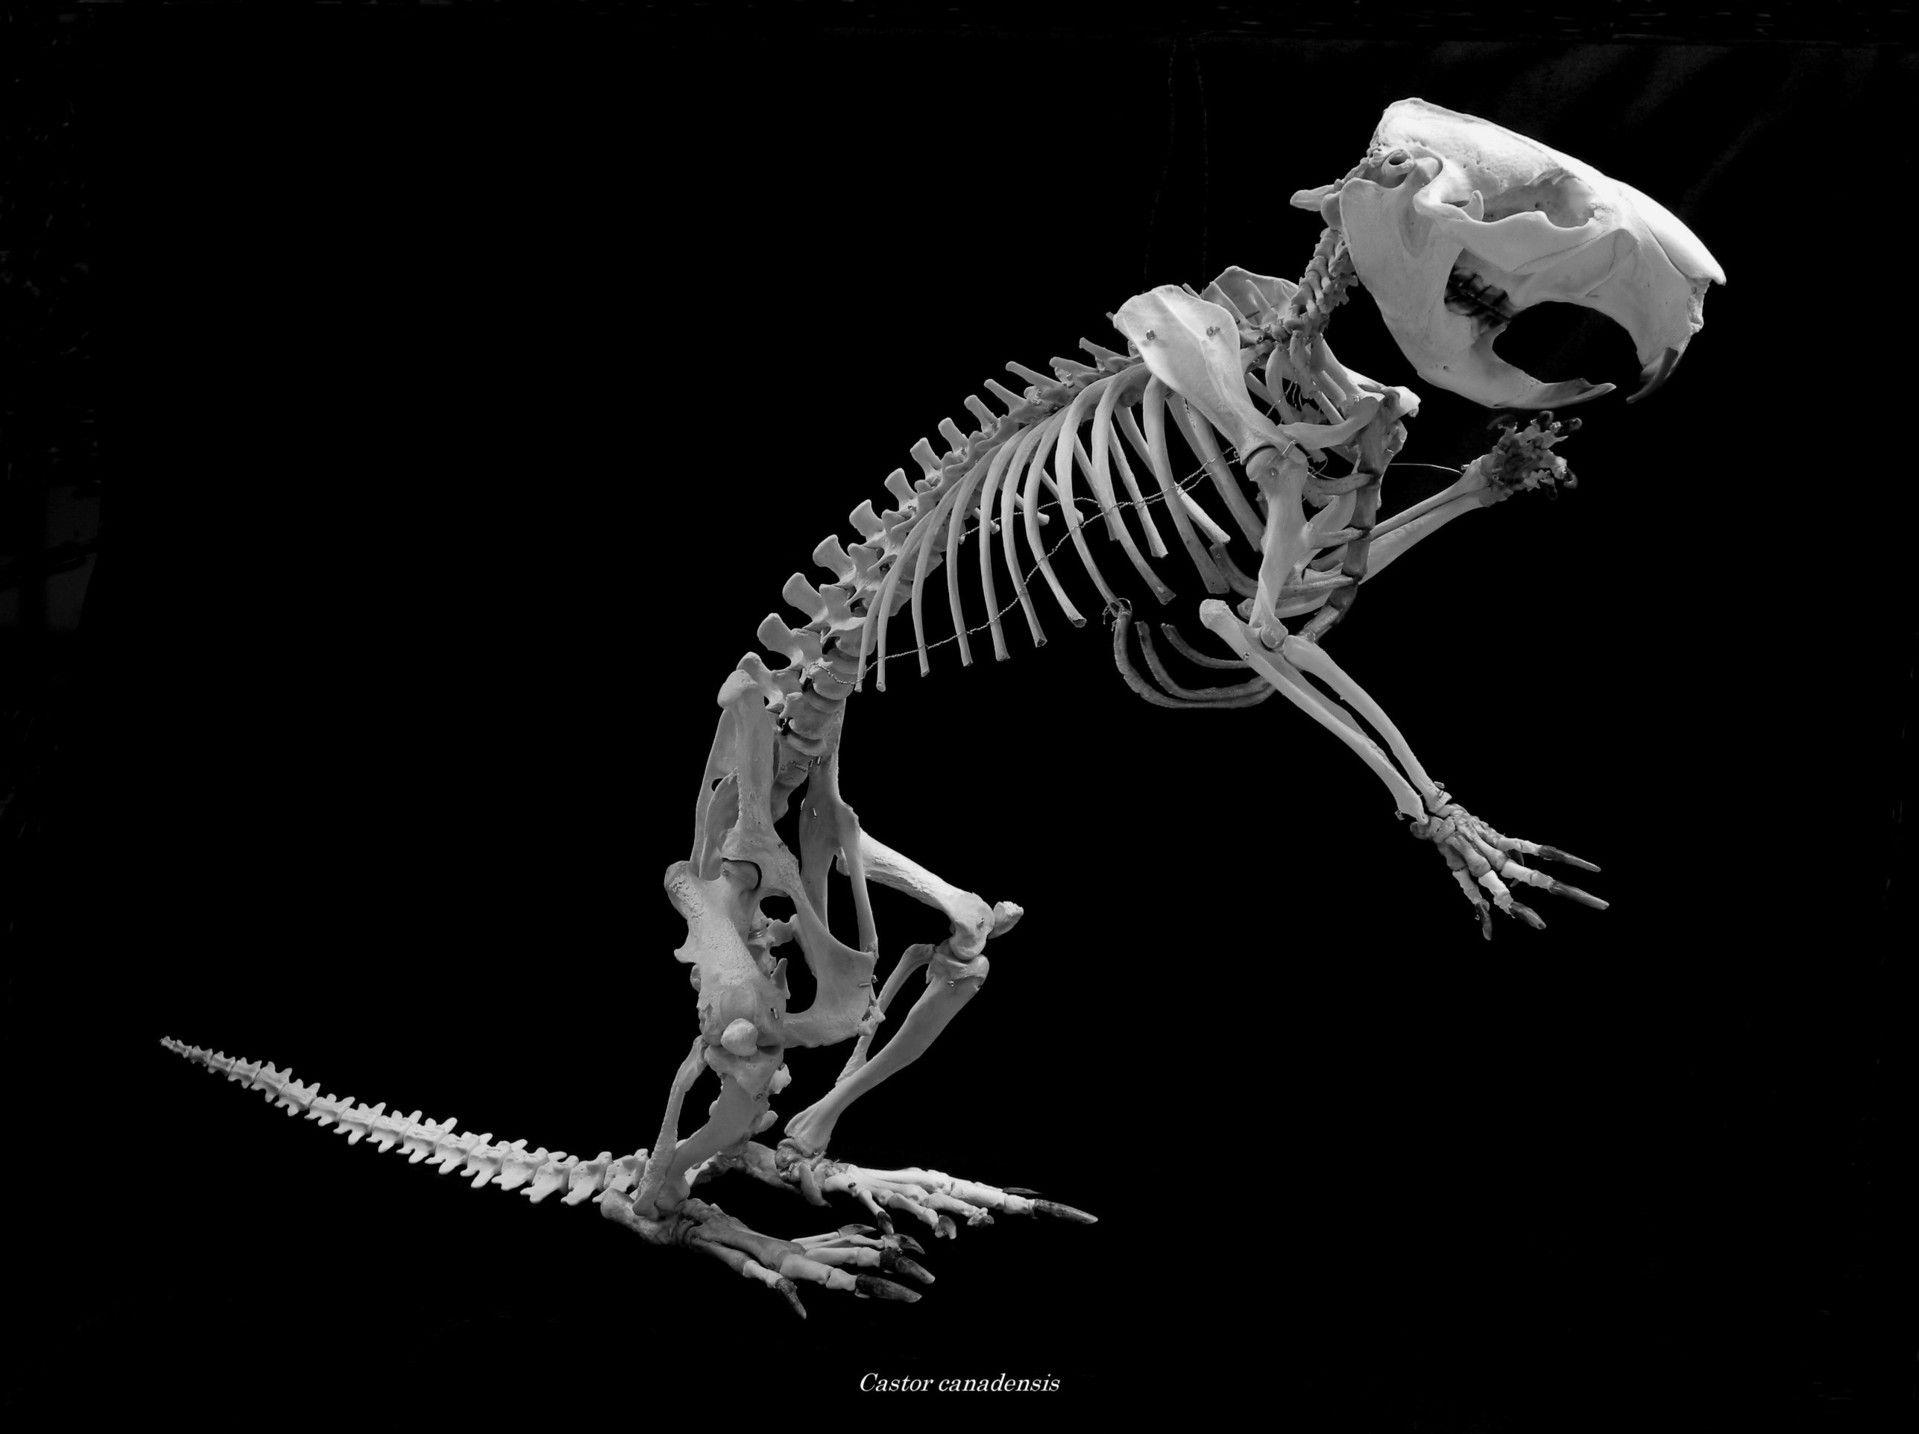 仙台市八木山動物公園で飼育されていたアメリカビーバーが 動物園に里帰りしました 骨格標本になって再デビューです アメリカビーバー 骨格標本 ビーバー 骨格